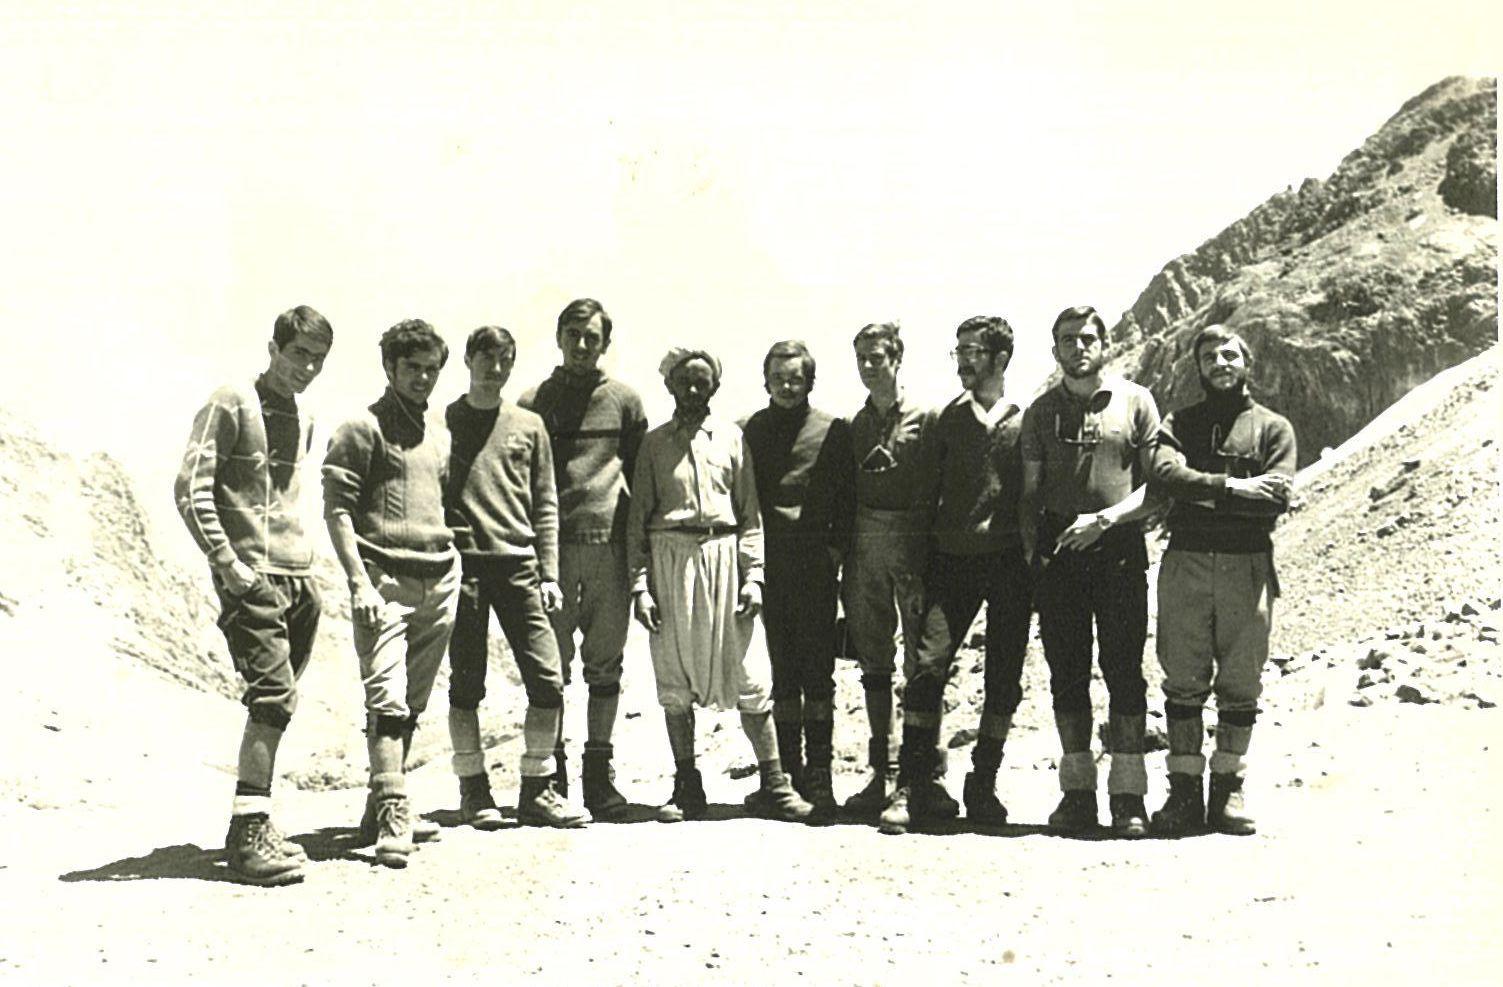 Foto de grup de l'expedició. D'esquerra a dreta: Josep Maria Navarro, Josep Pros, Ramon Durà, Francesc Campmany, el guarda del refugi Neltner, Ramon Pros, Joan Bas, Pere Pérez Parra, Jordi Farrés i Miquel Pros.